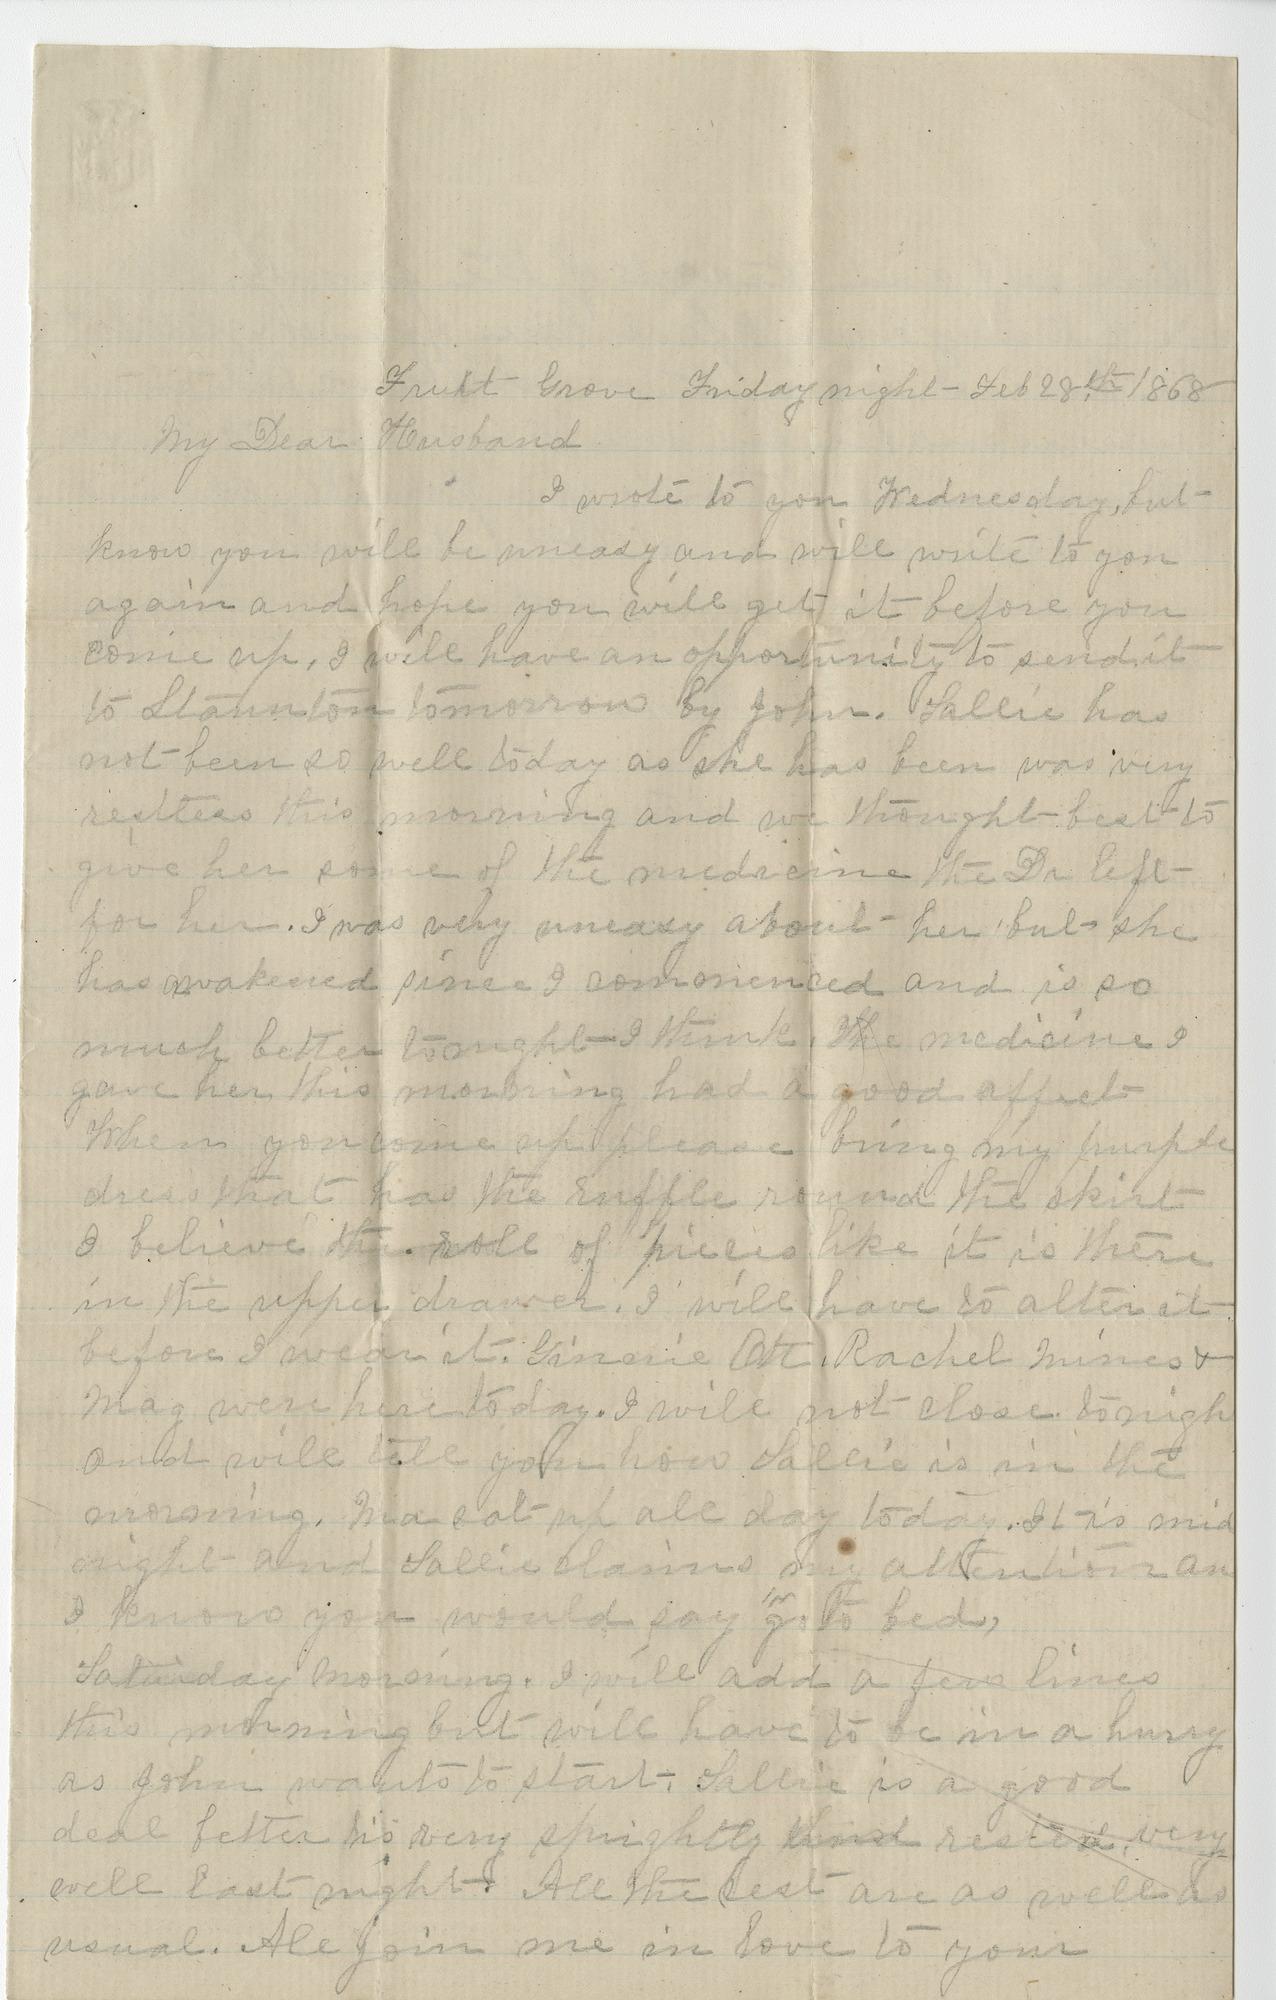 Ms2016-013_HeizerJames_Letter_1868_0228a.jpg